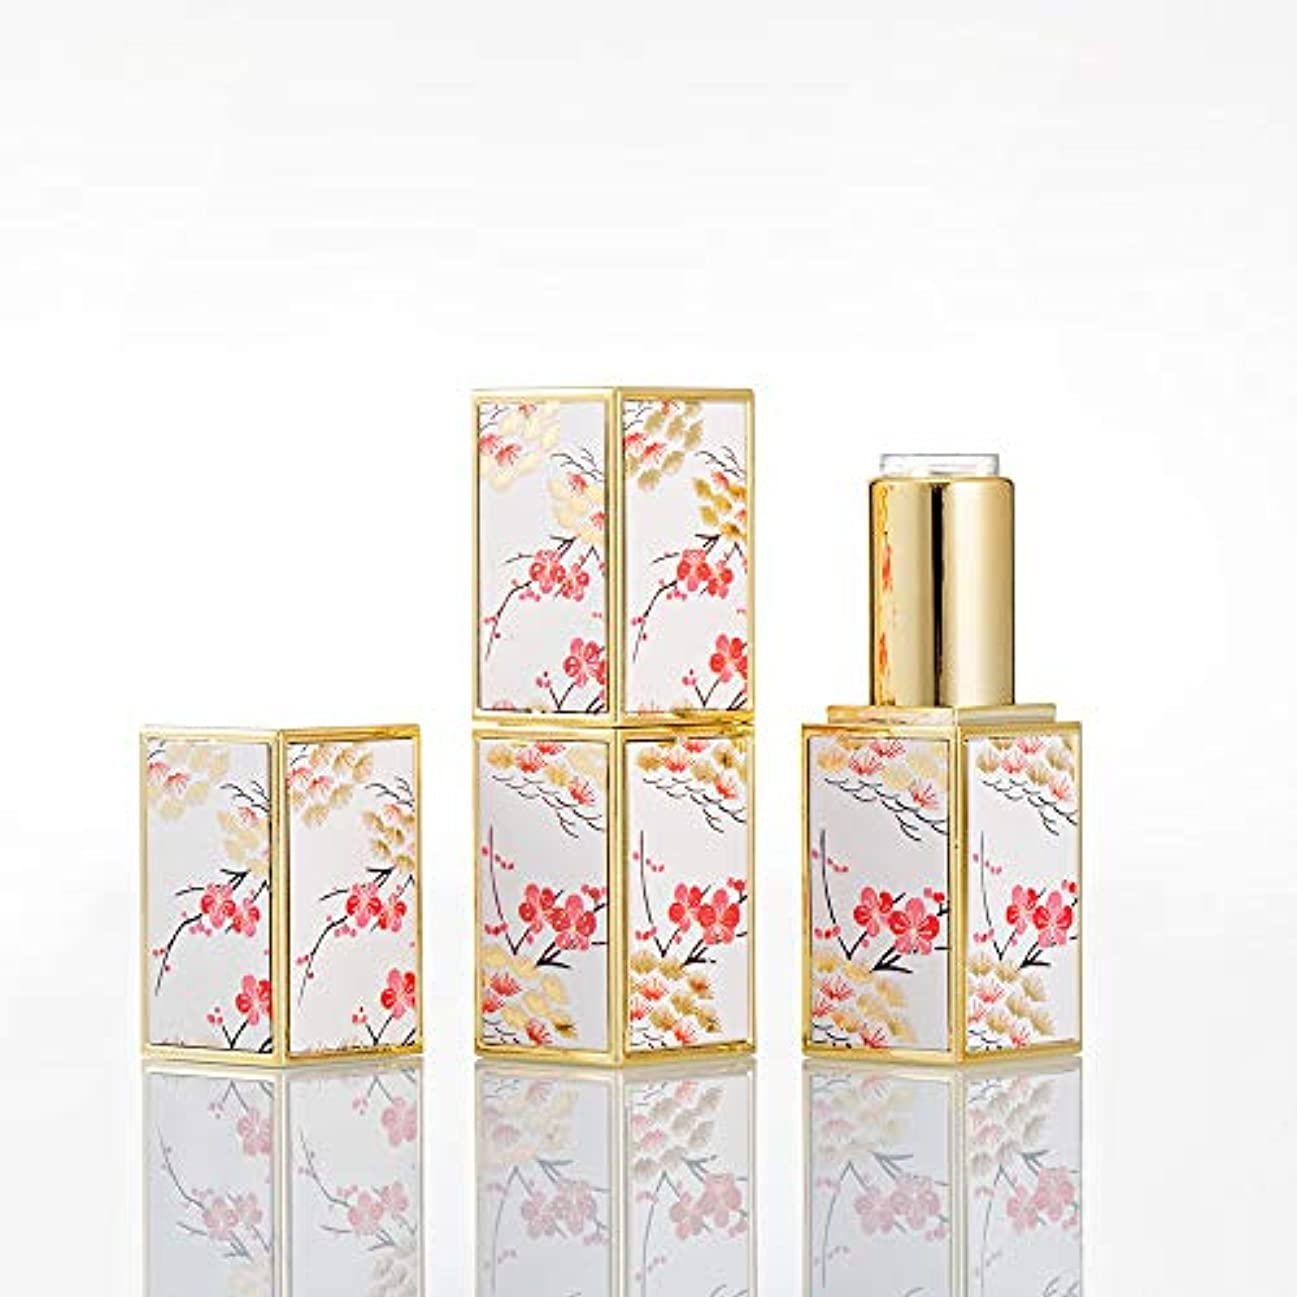 白い細いペパーミントBeautyCN 5個入り12.1mm高級レトロパターン浮彫りにされた梅の花の空の正方形の口紅の管の包装